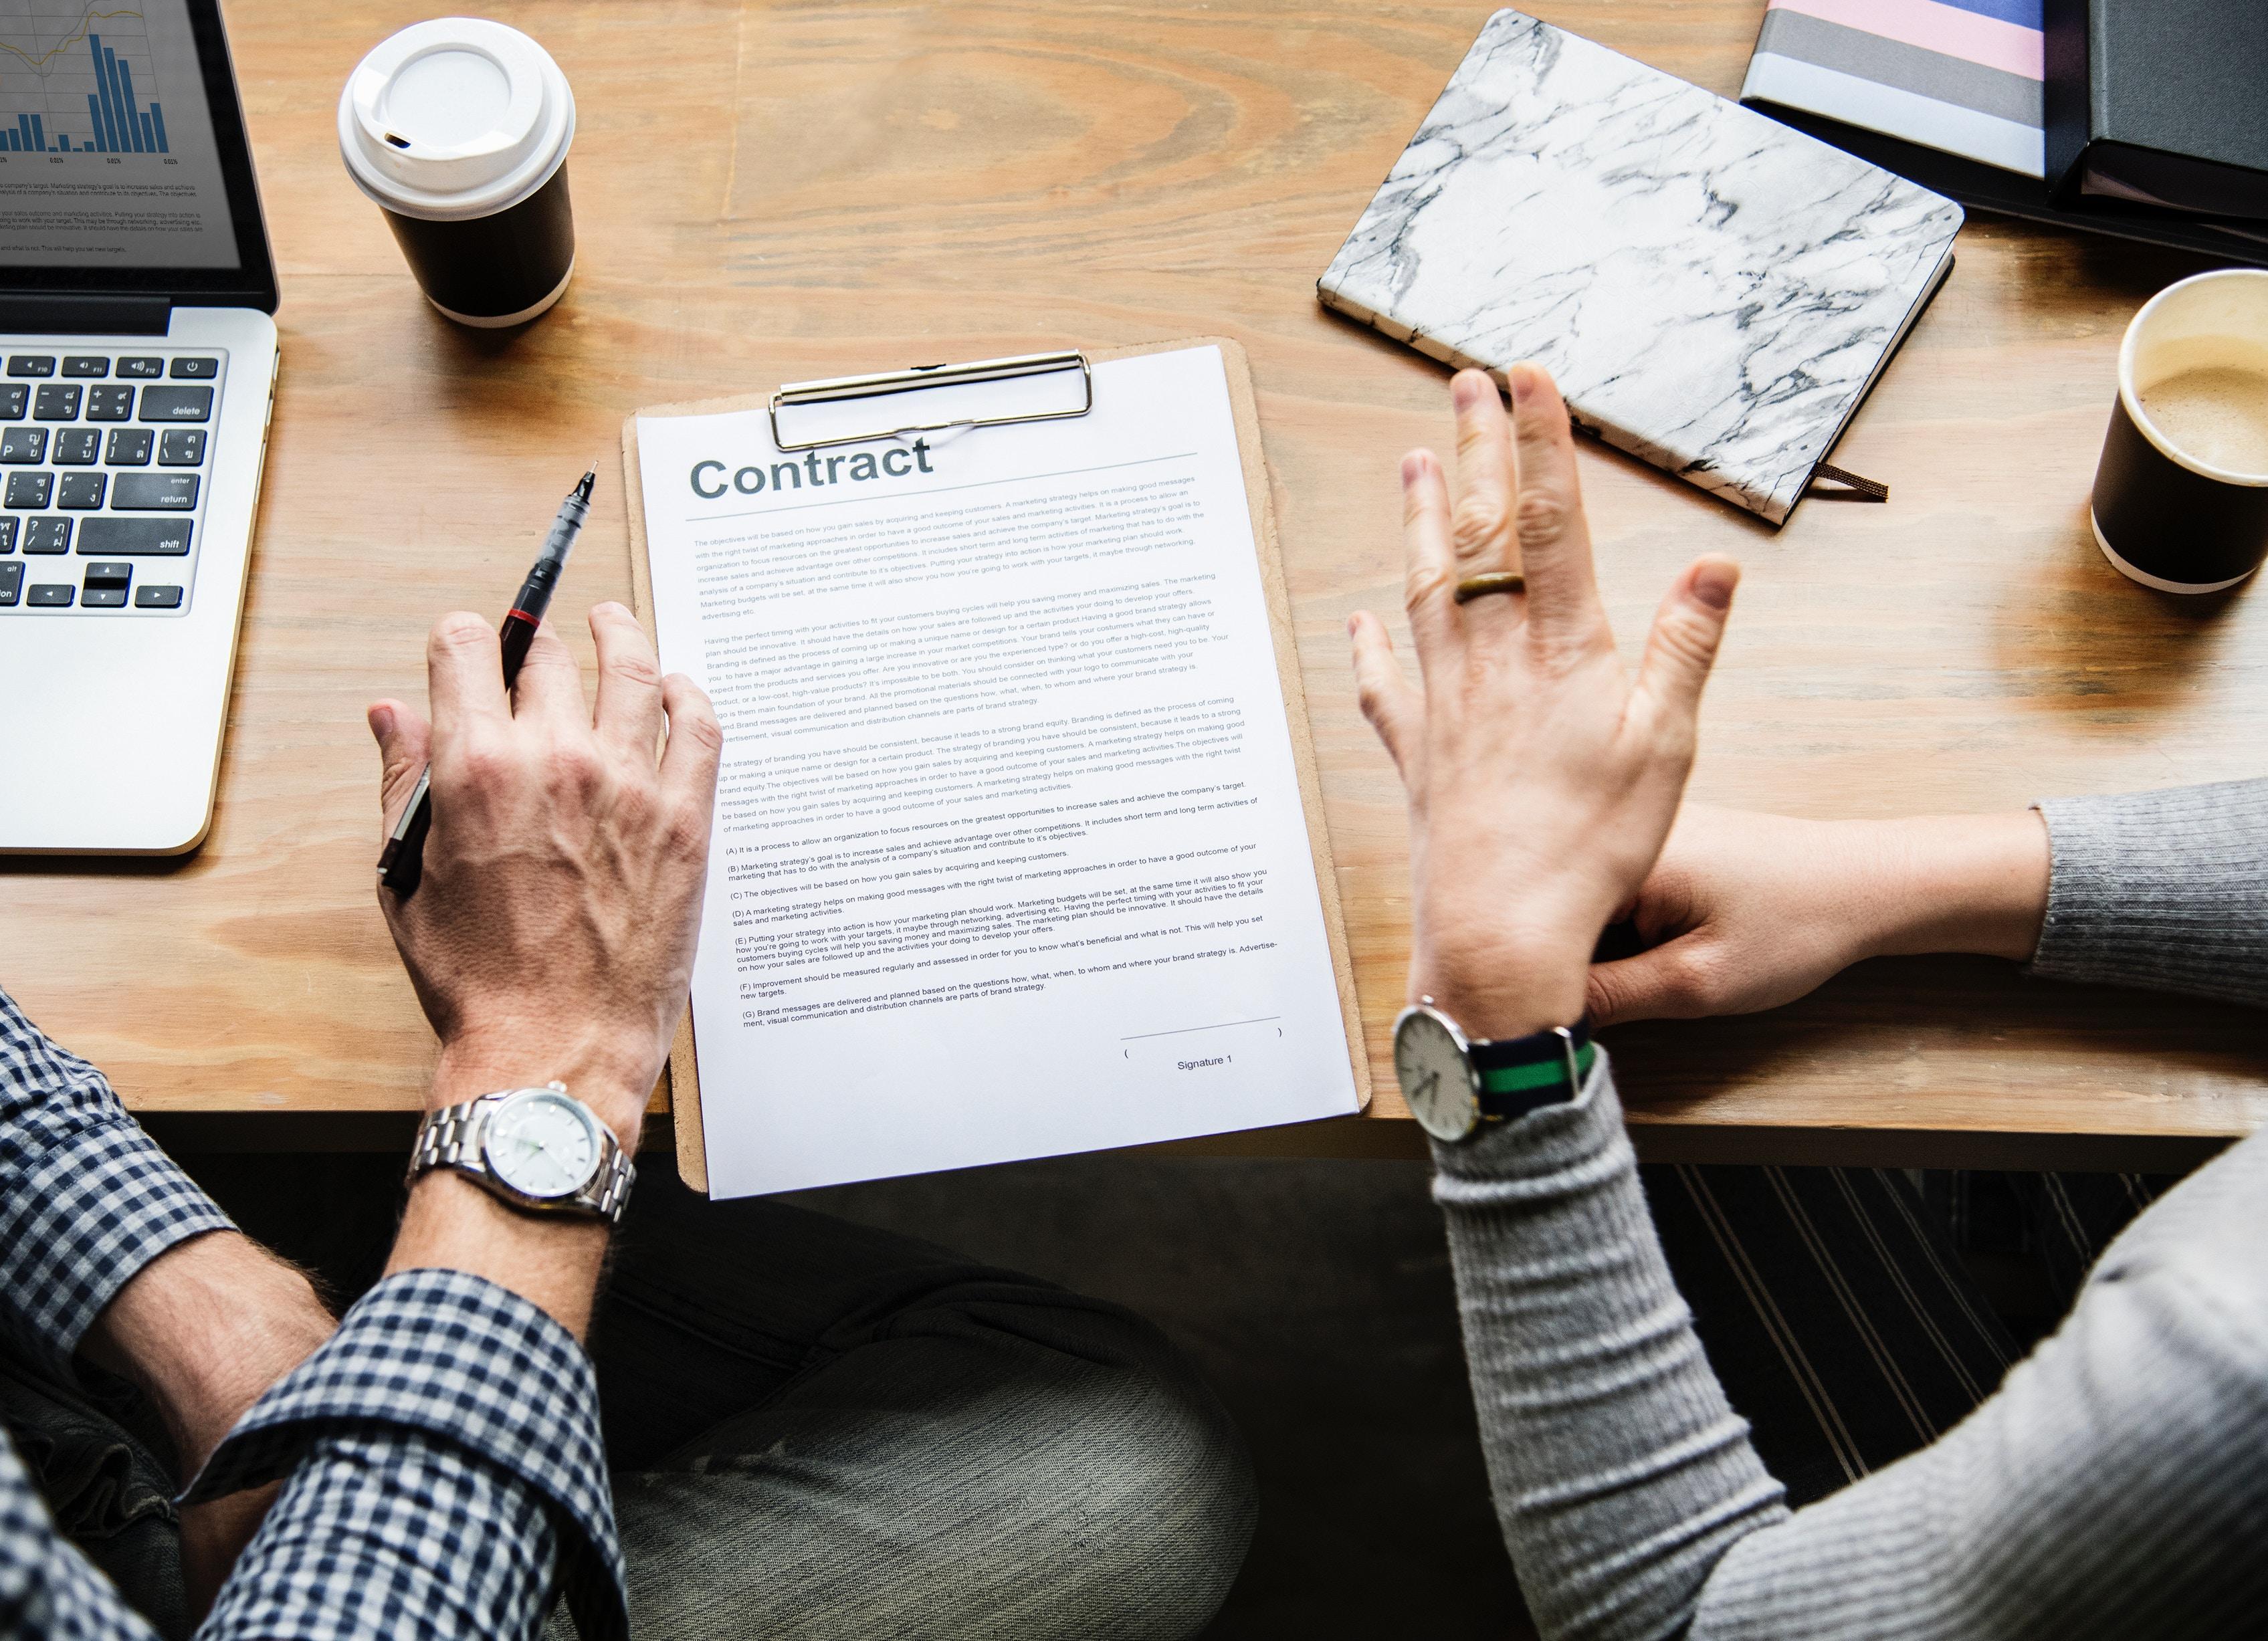 自社の不利にならない契約期間の定め方